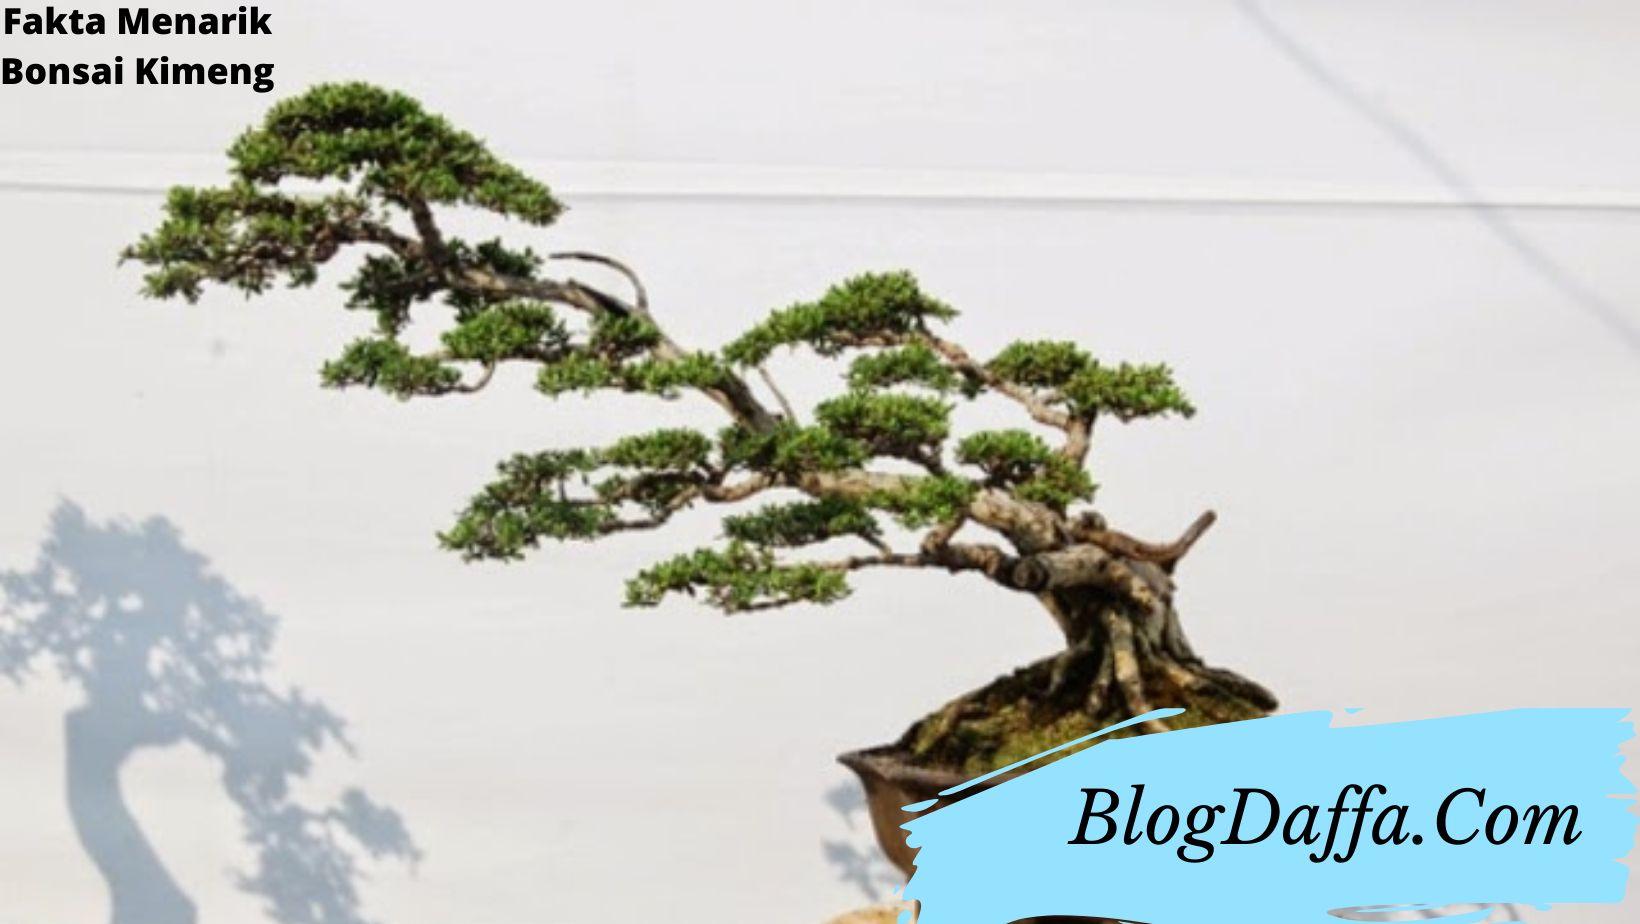 Fakta bonsai kimeng yang perlu kamu ketahui